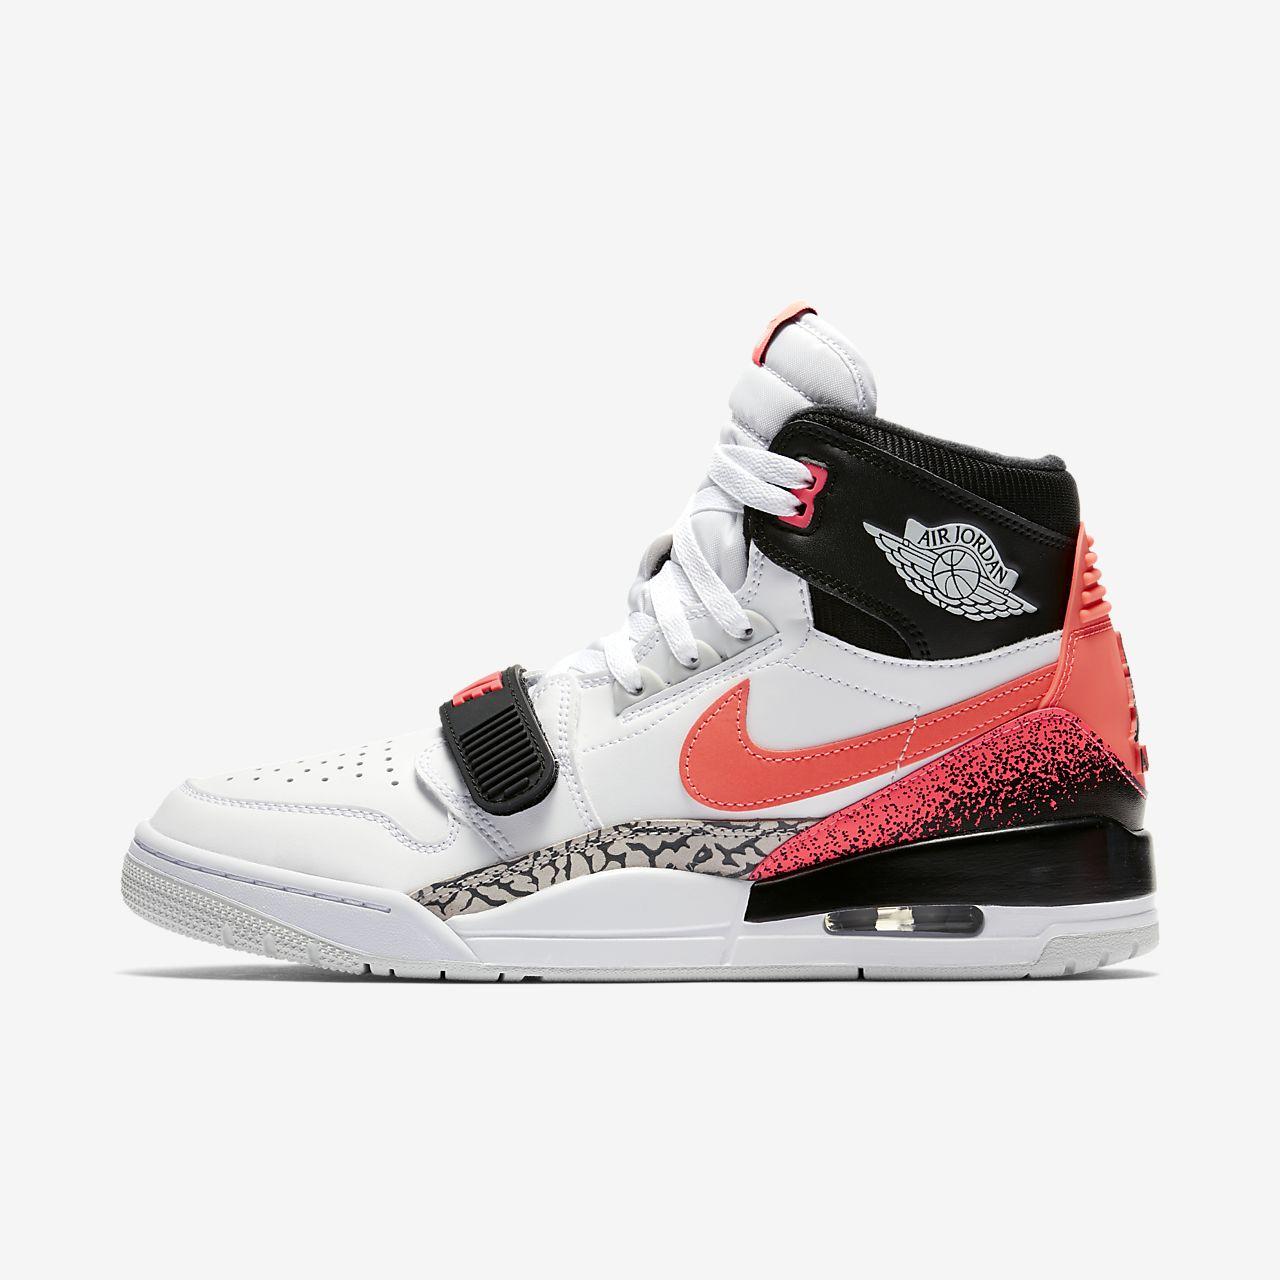 quality design 4bfe4 d17c3 ... air jordan legacy 312 sko til mænd